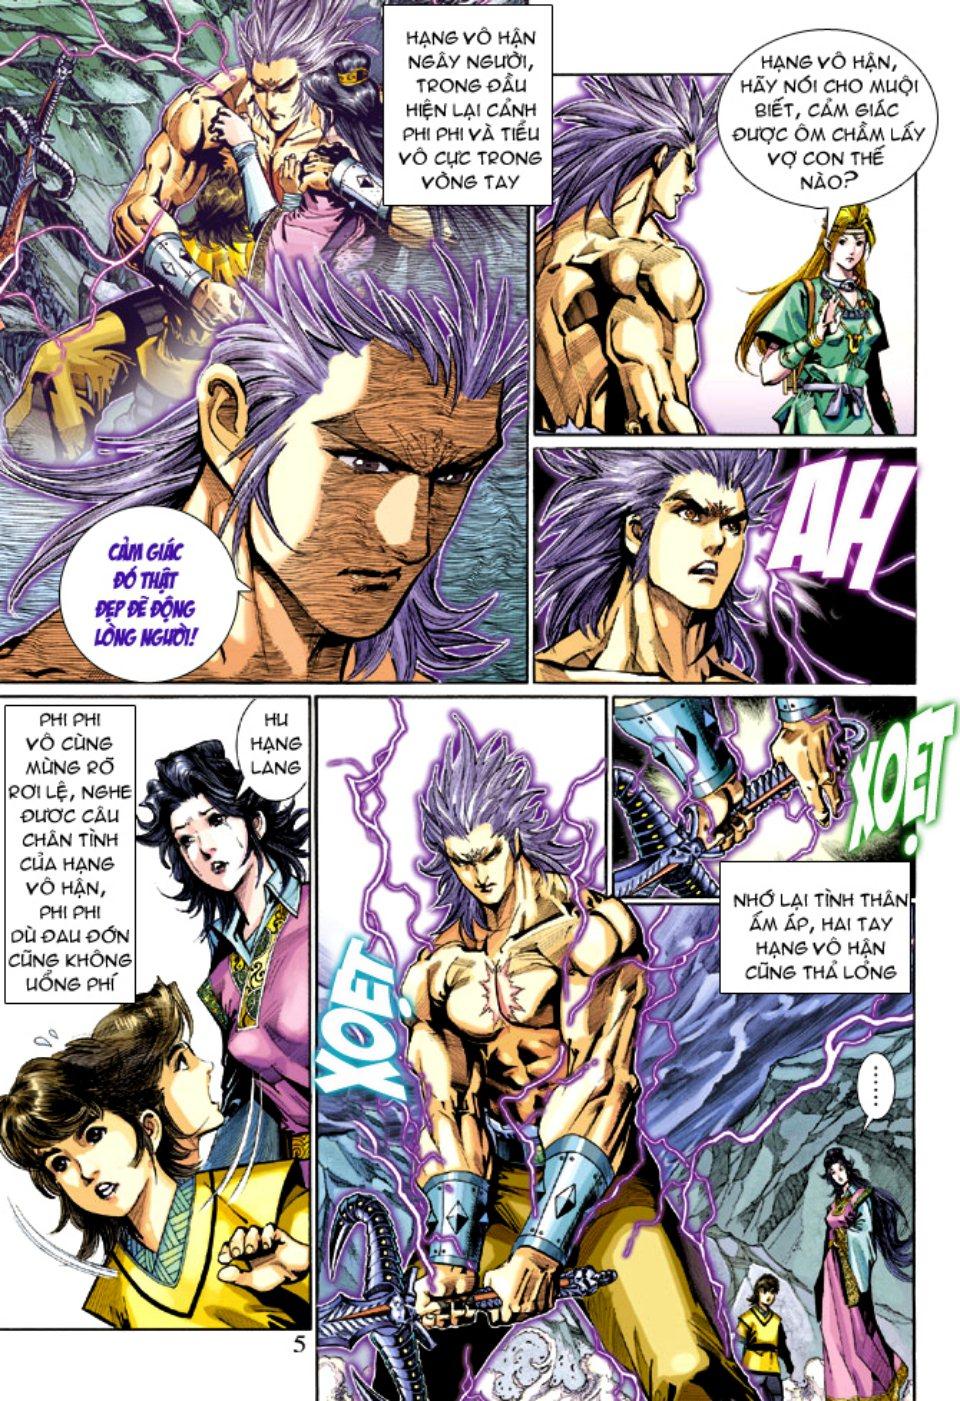 Thiên Tử Truyền Kỳ 5 - Như Lai Thần Chưởng chap 212 - Trang 5